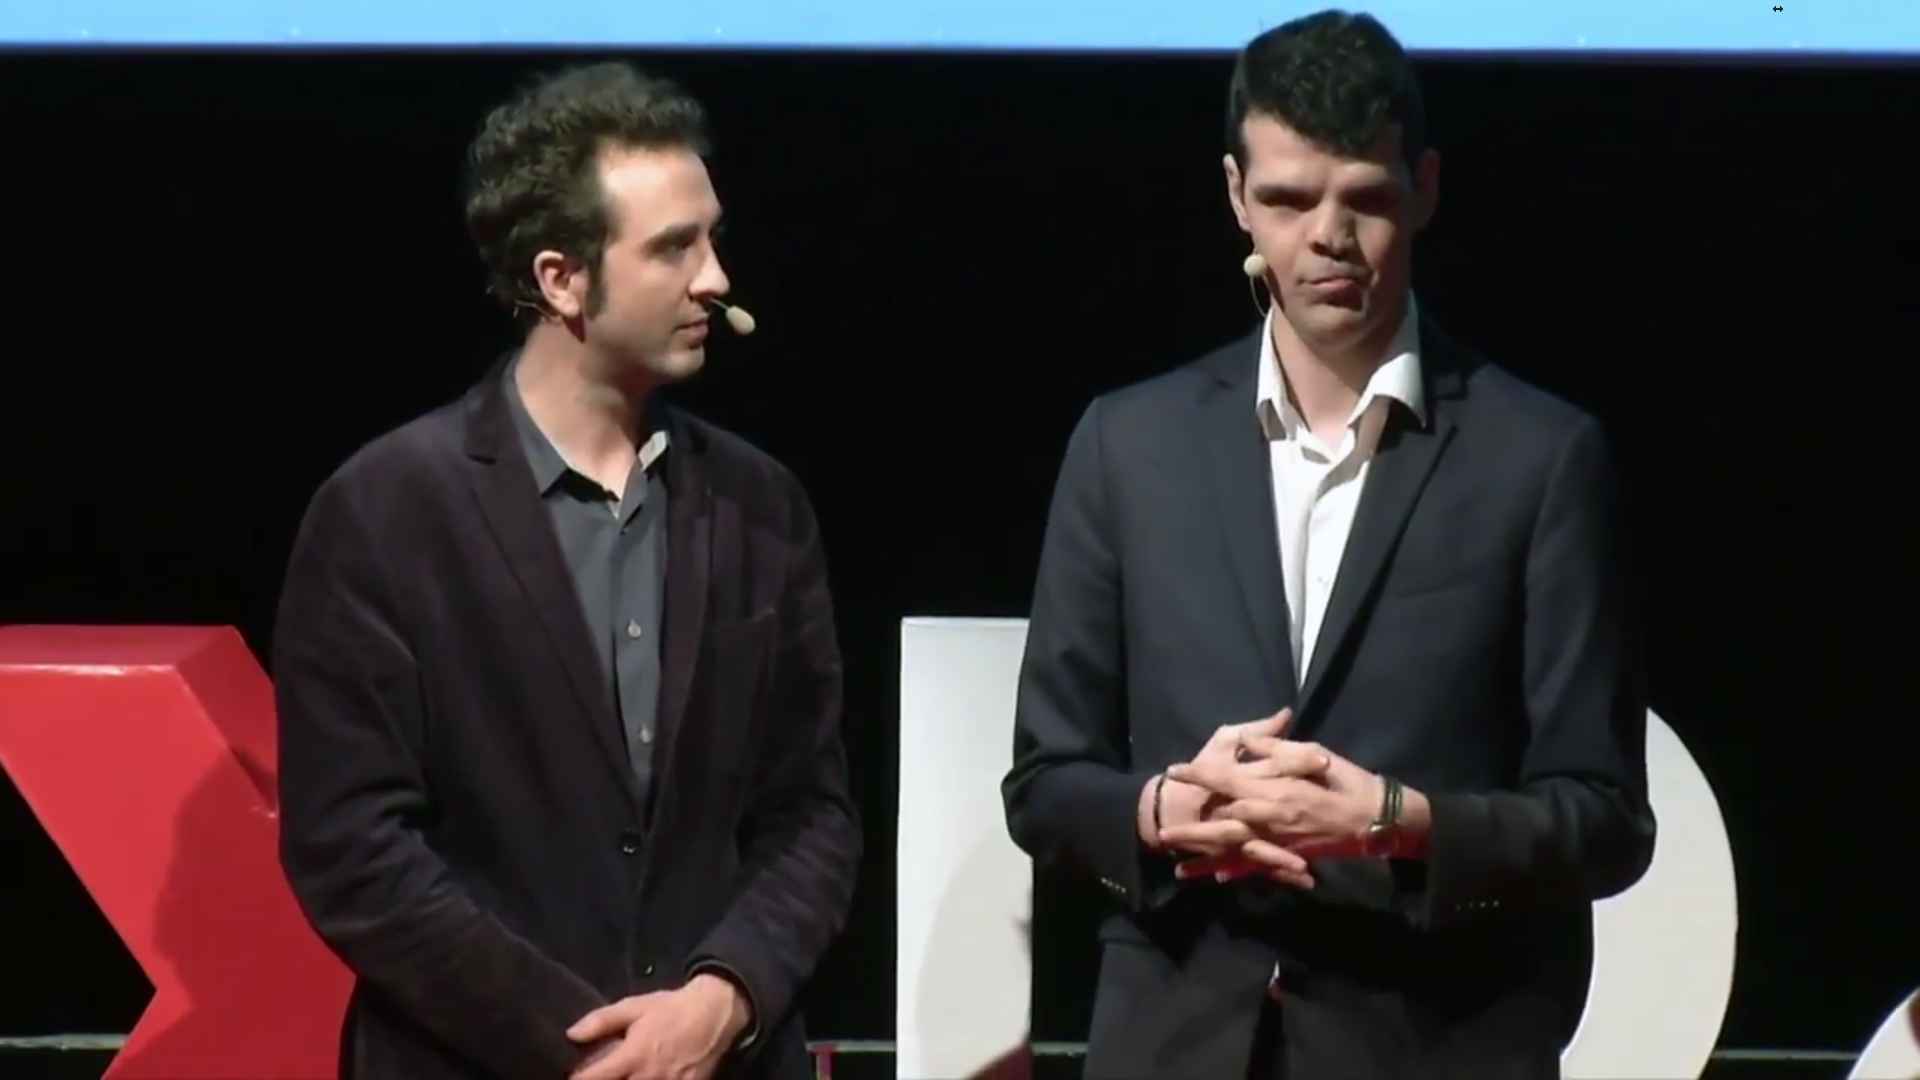 Jean-Philippe Mengual & Corentin Voiseux - Le numérique au diapason de l'humain